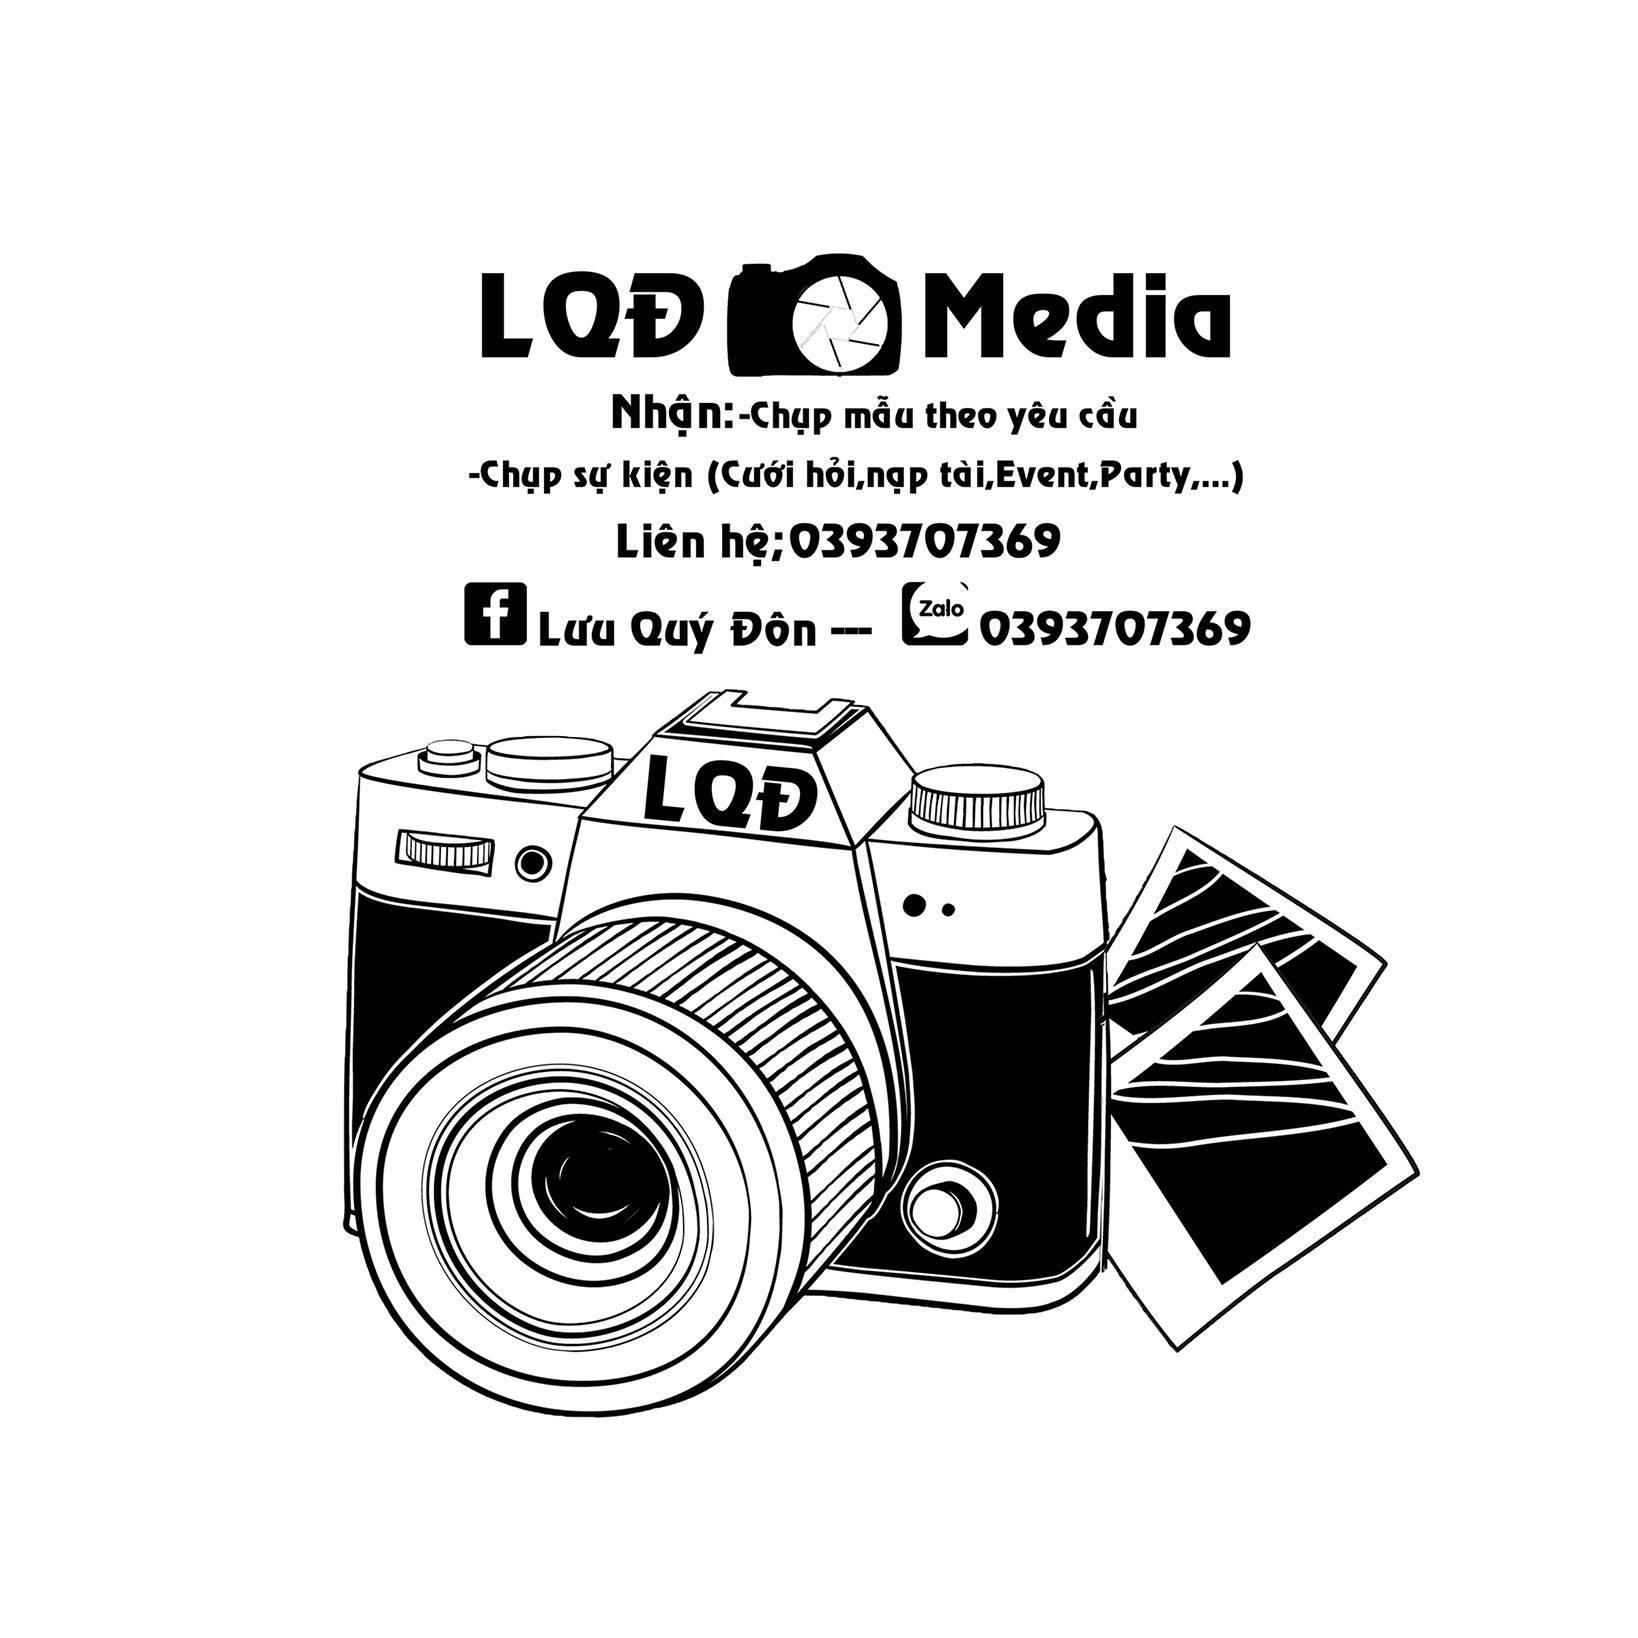 QD Media sẽ là đơn vị truyền thông độc quyền livestream các trận đấu tại JS TOURNAMENT 2021 từ vòng tứ kết